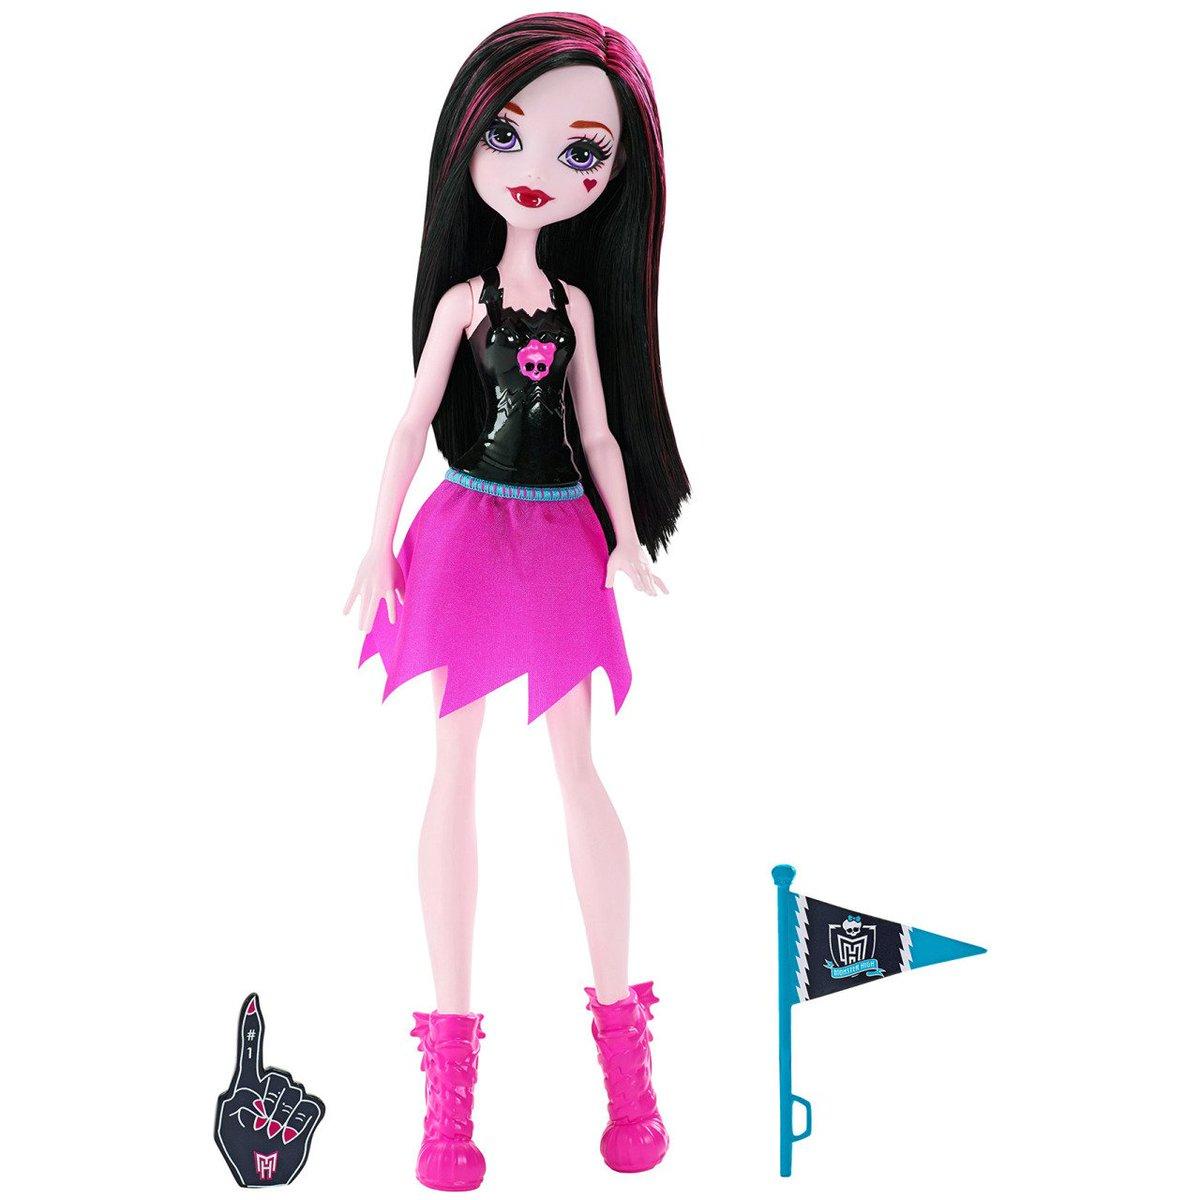 Muñecas Monster High On Twitter También 2 Nuevas Fotos De